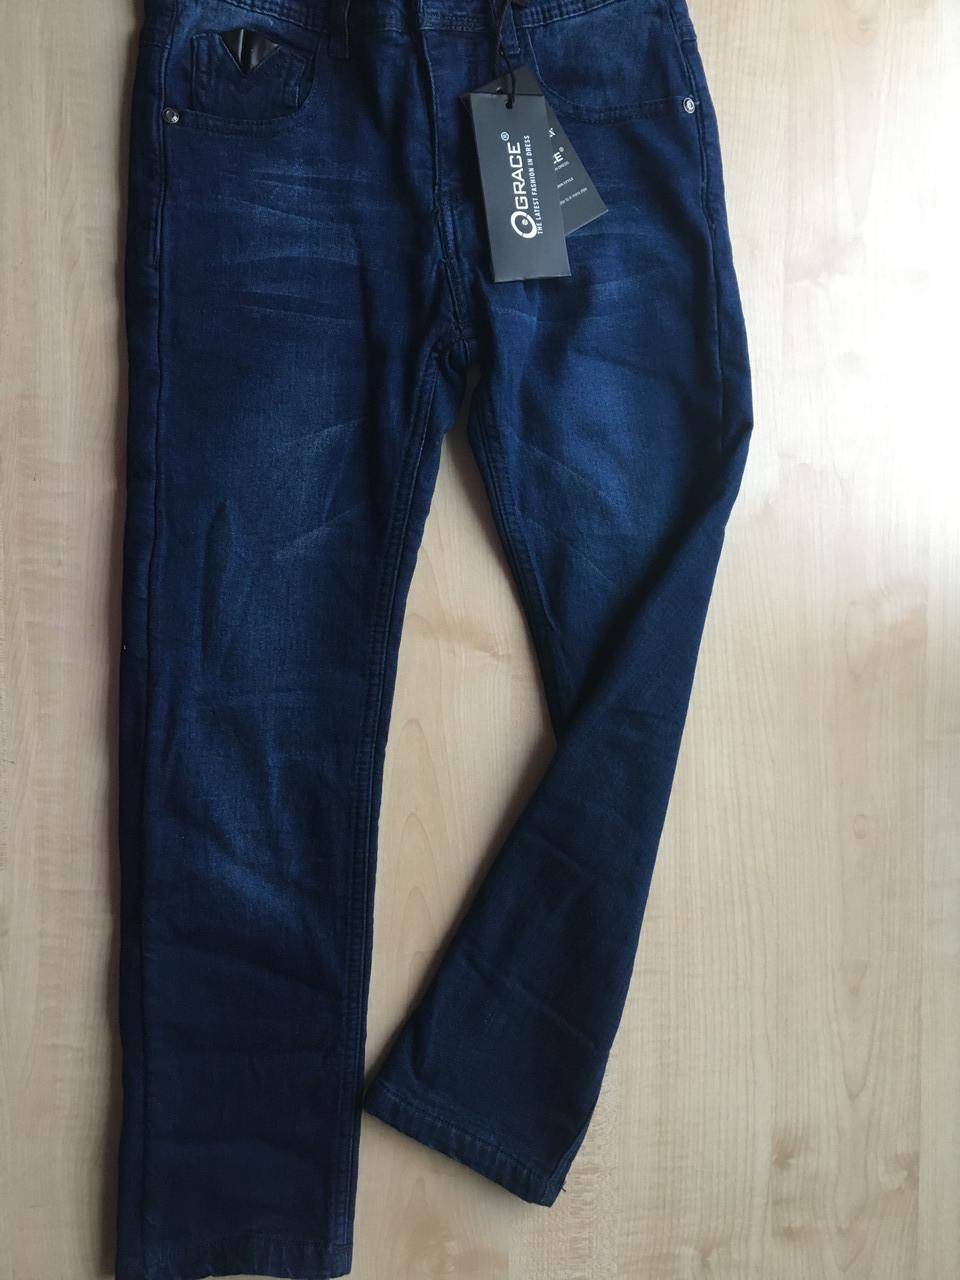 Утепленные джинсы на мальчика GRACE, B82691, Венгрия